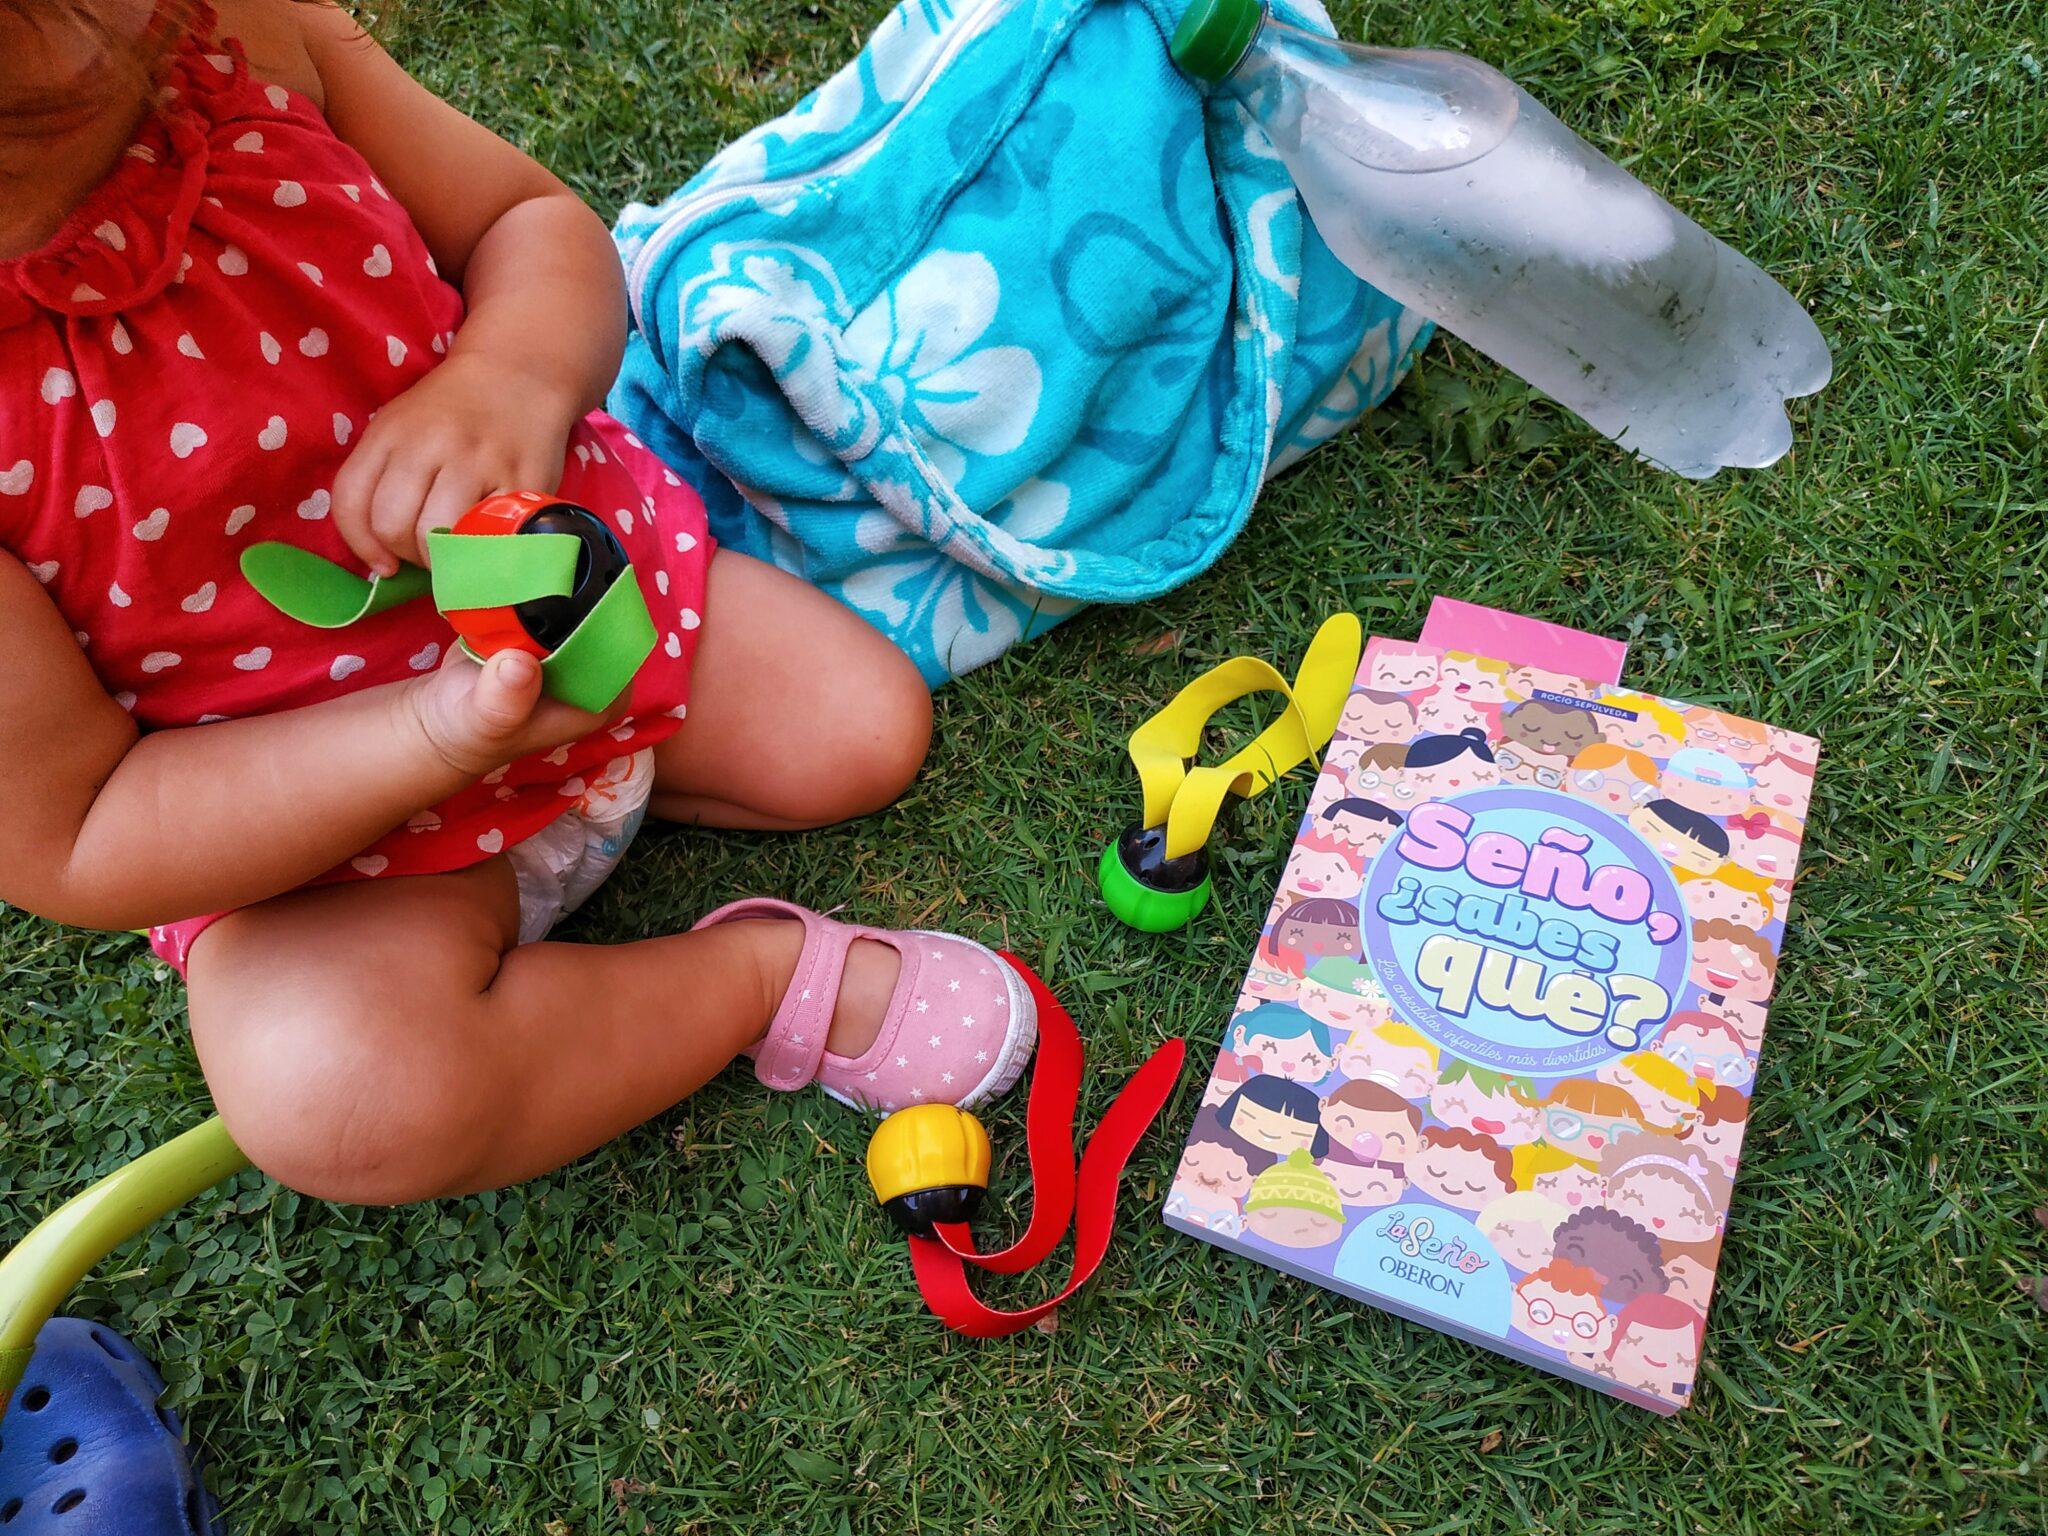 IMG 20200708 195501 01 scaled - Anécdotas infantiles en Seño, ¿Sabes qué?